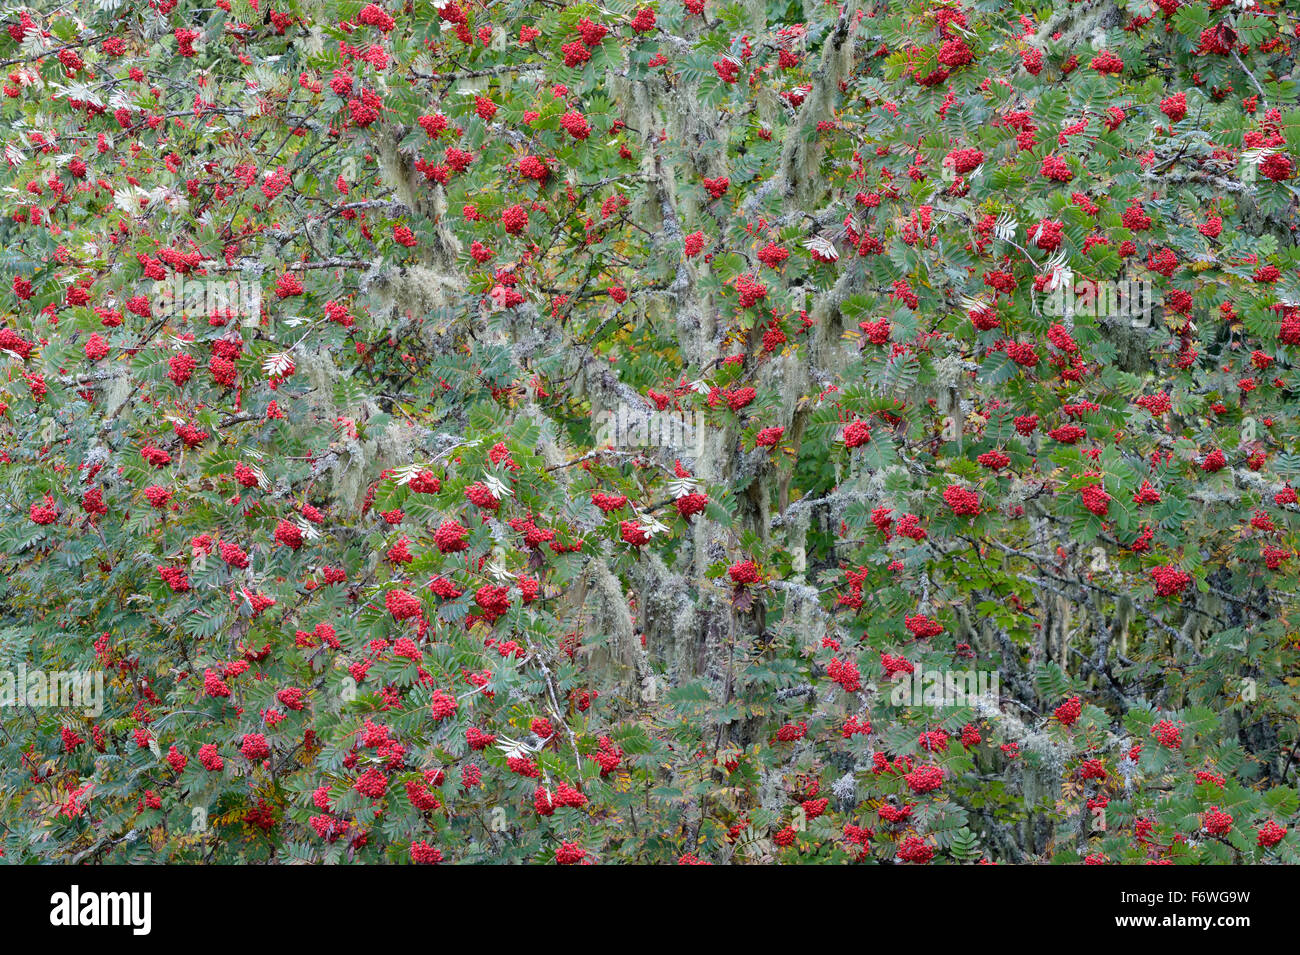 Albero Con Bacche Rosse unione rowan (sorbus aucuparia ) albero con bacche rosse in